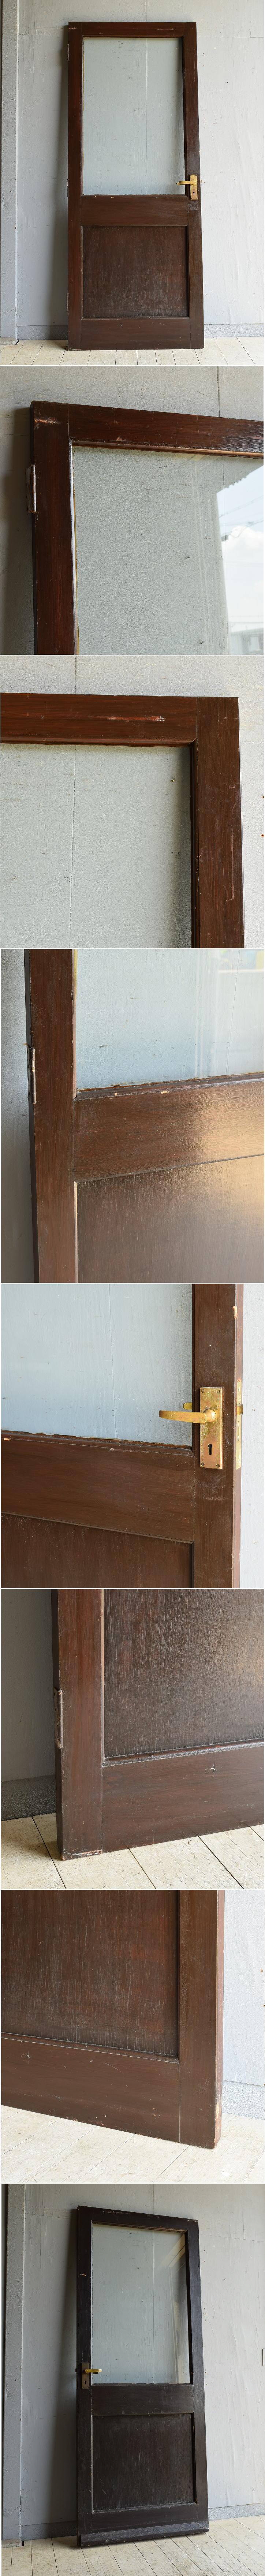 イギリス アンティーク ドア 扉 建具 8119